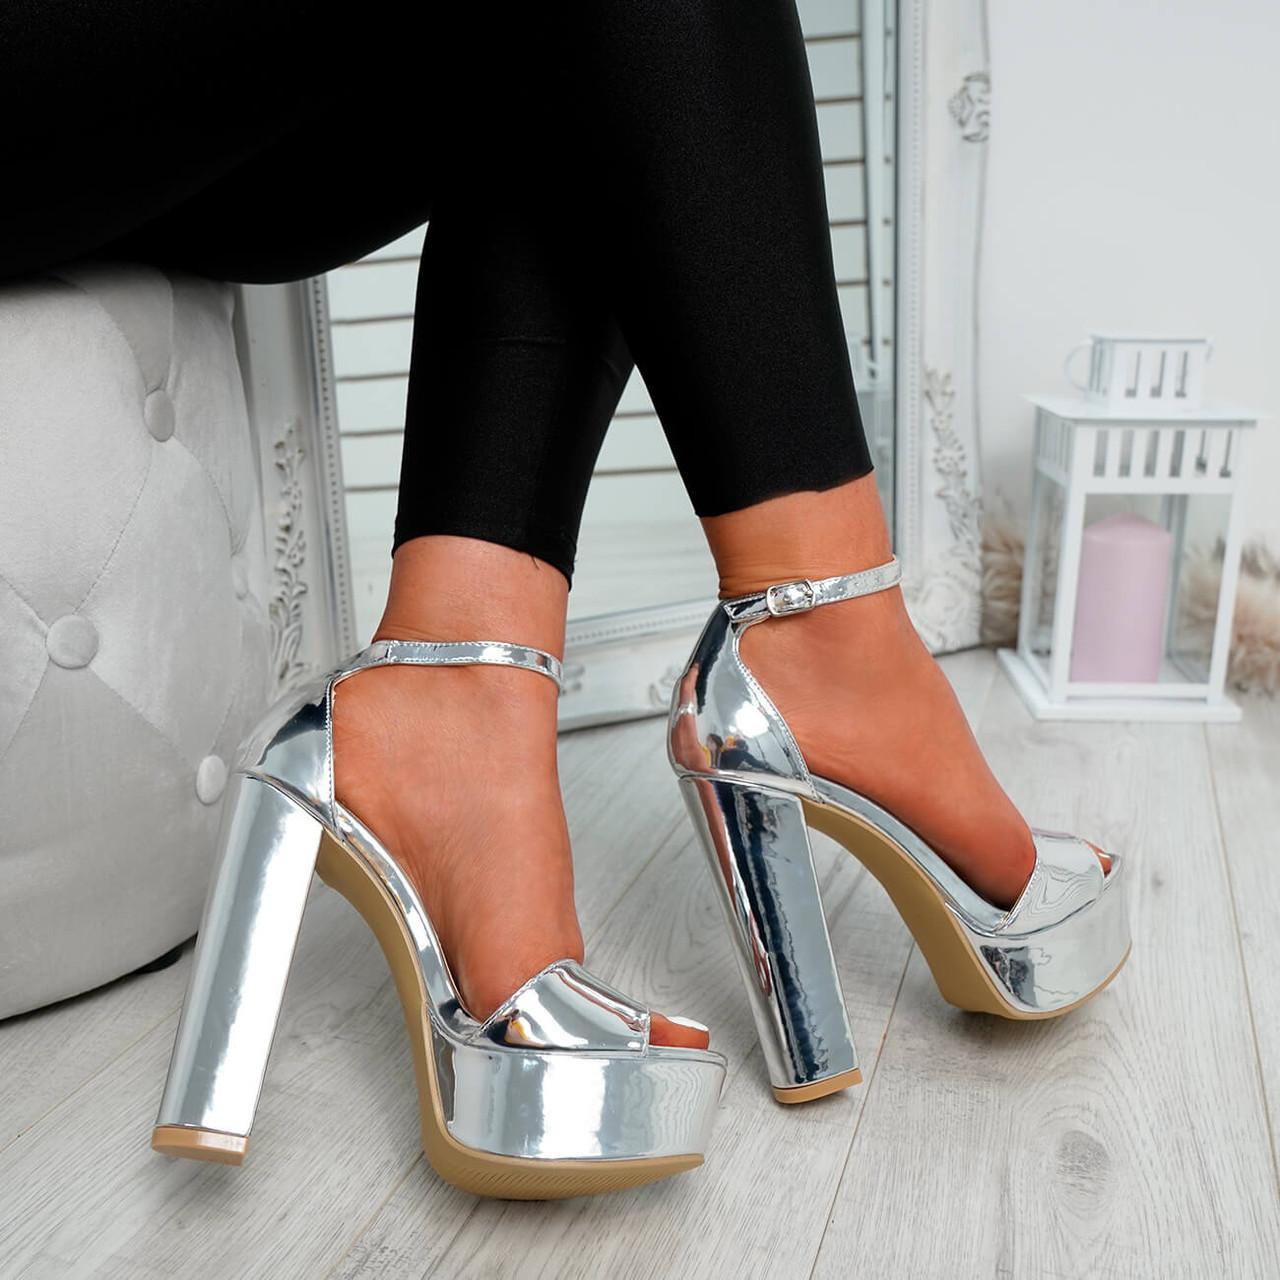 52305b0353 Womens Ladies Ankle Strap Block Heel Peep Toe Club Metallic Sandals ...